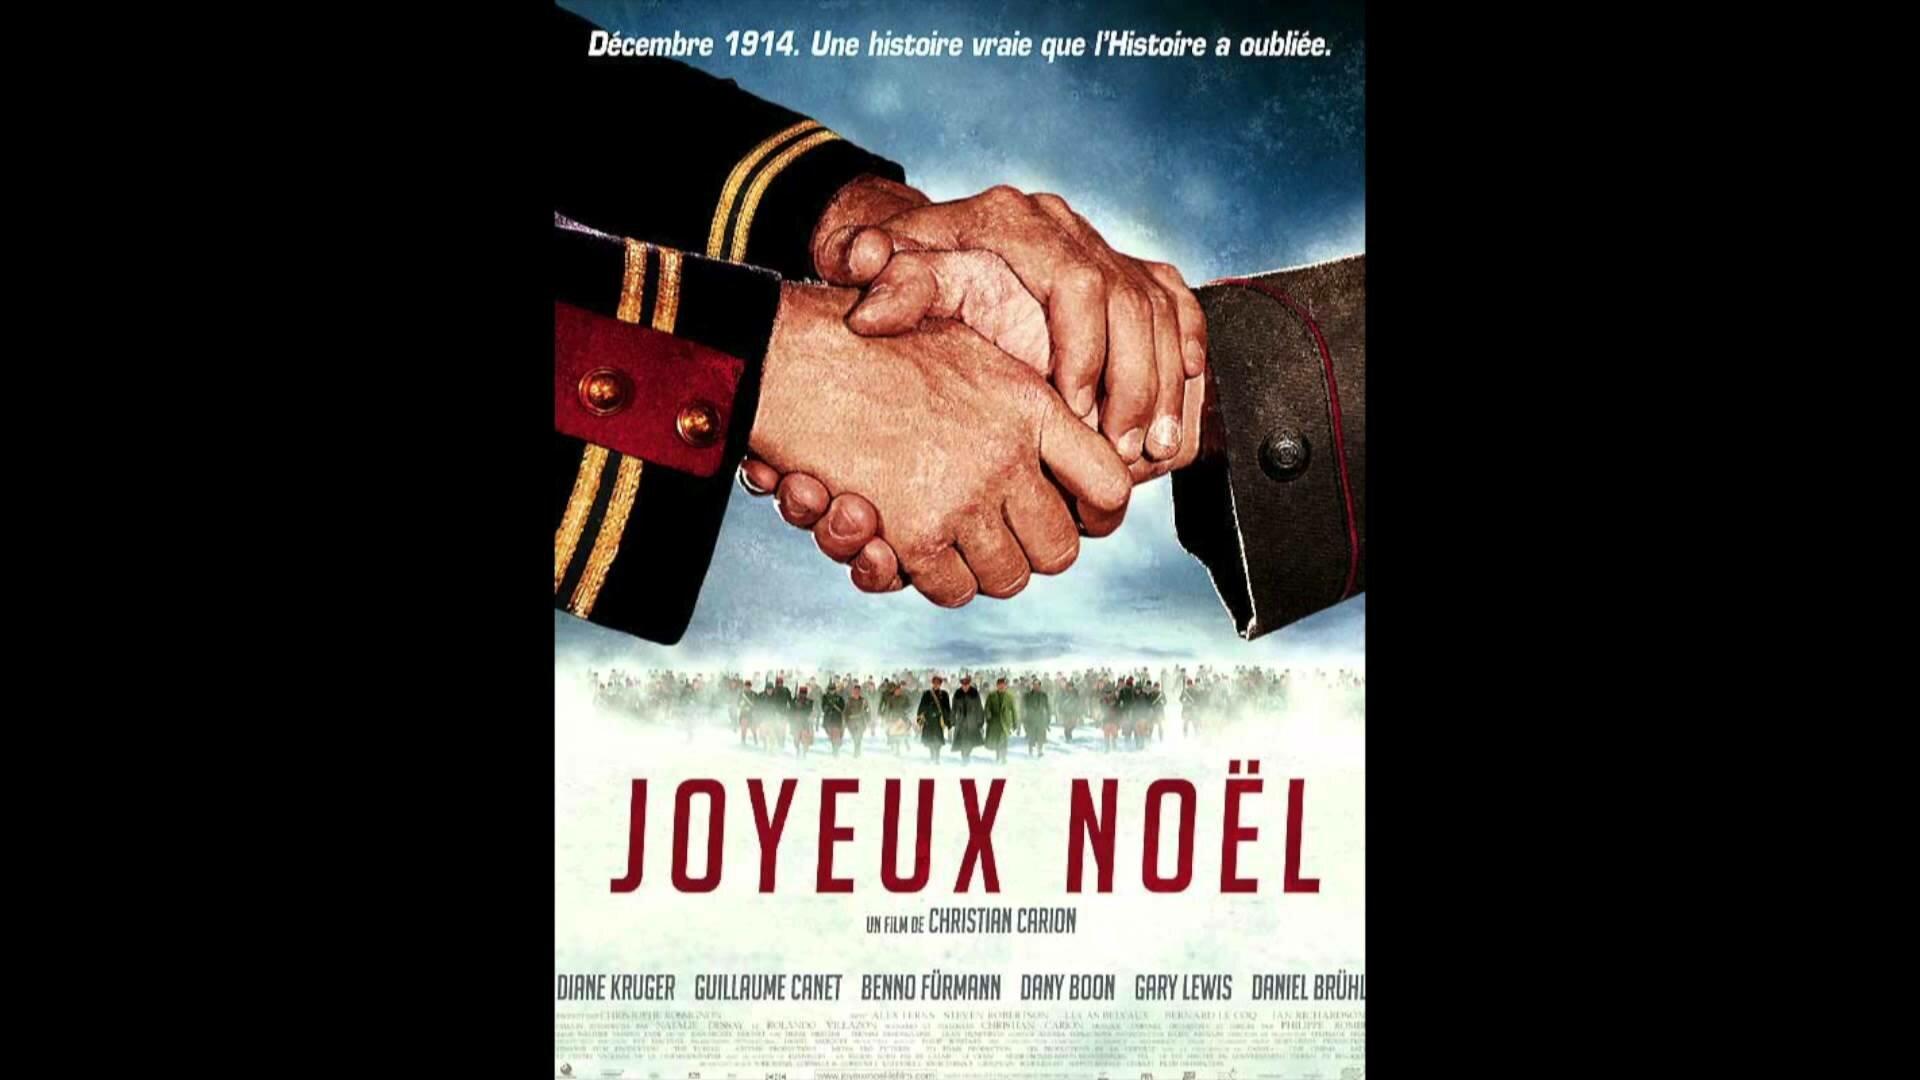 Netflix Holiday Movie Pick: Joyeux Noel (Merry Christmas) - Liberty ...